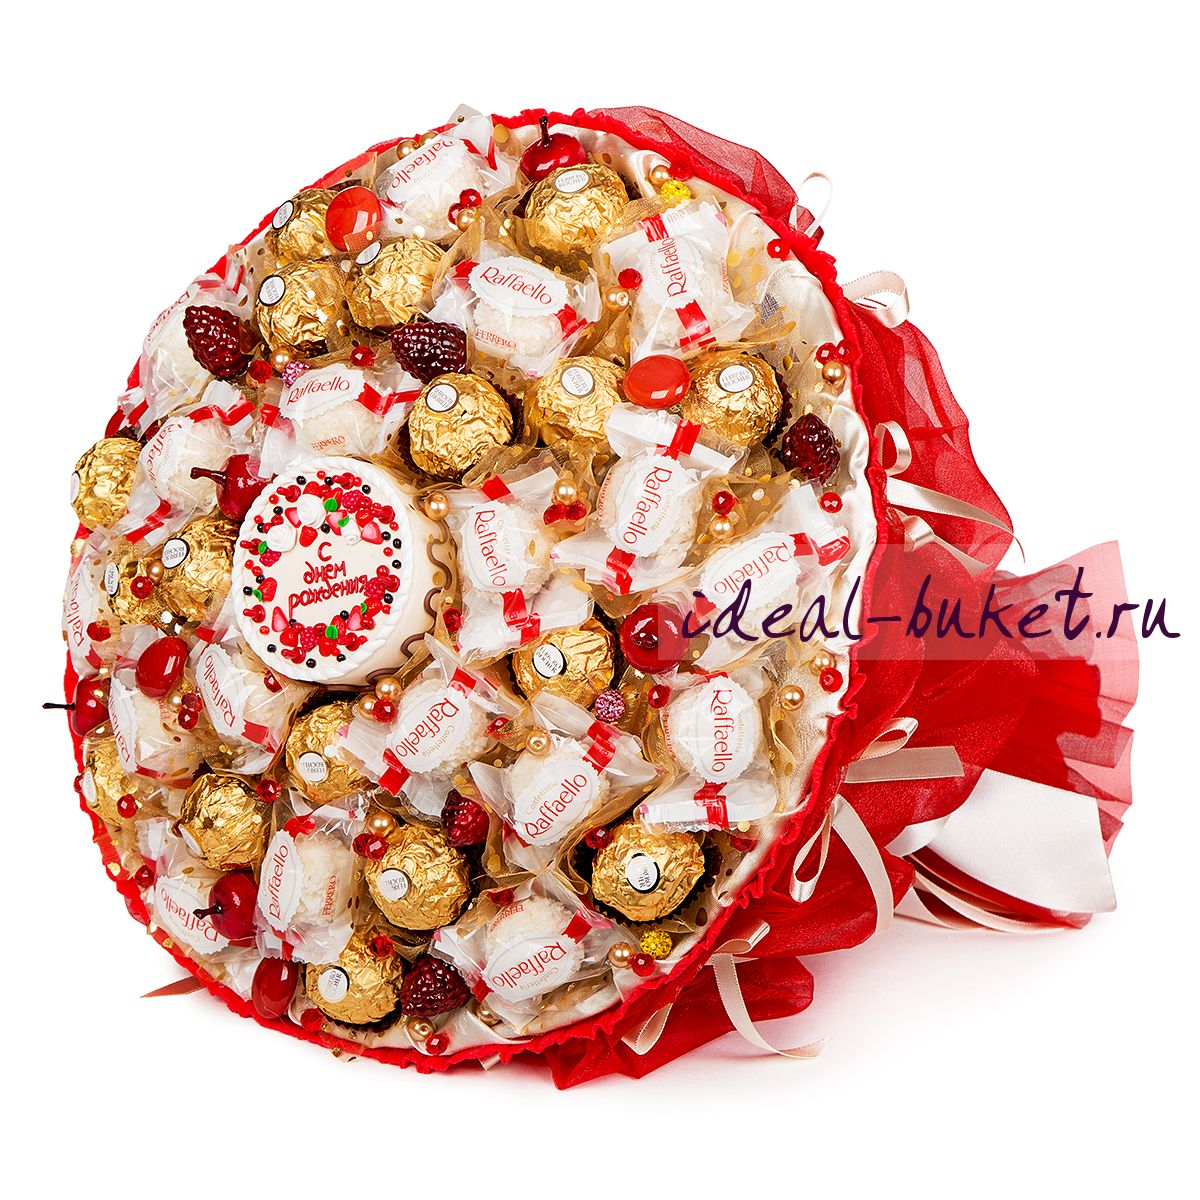 Купить сладкие подарки в Москве